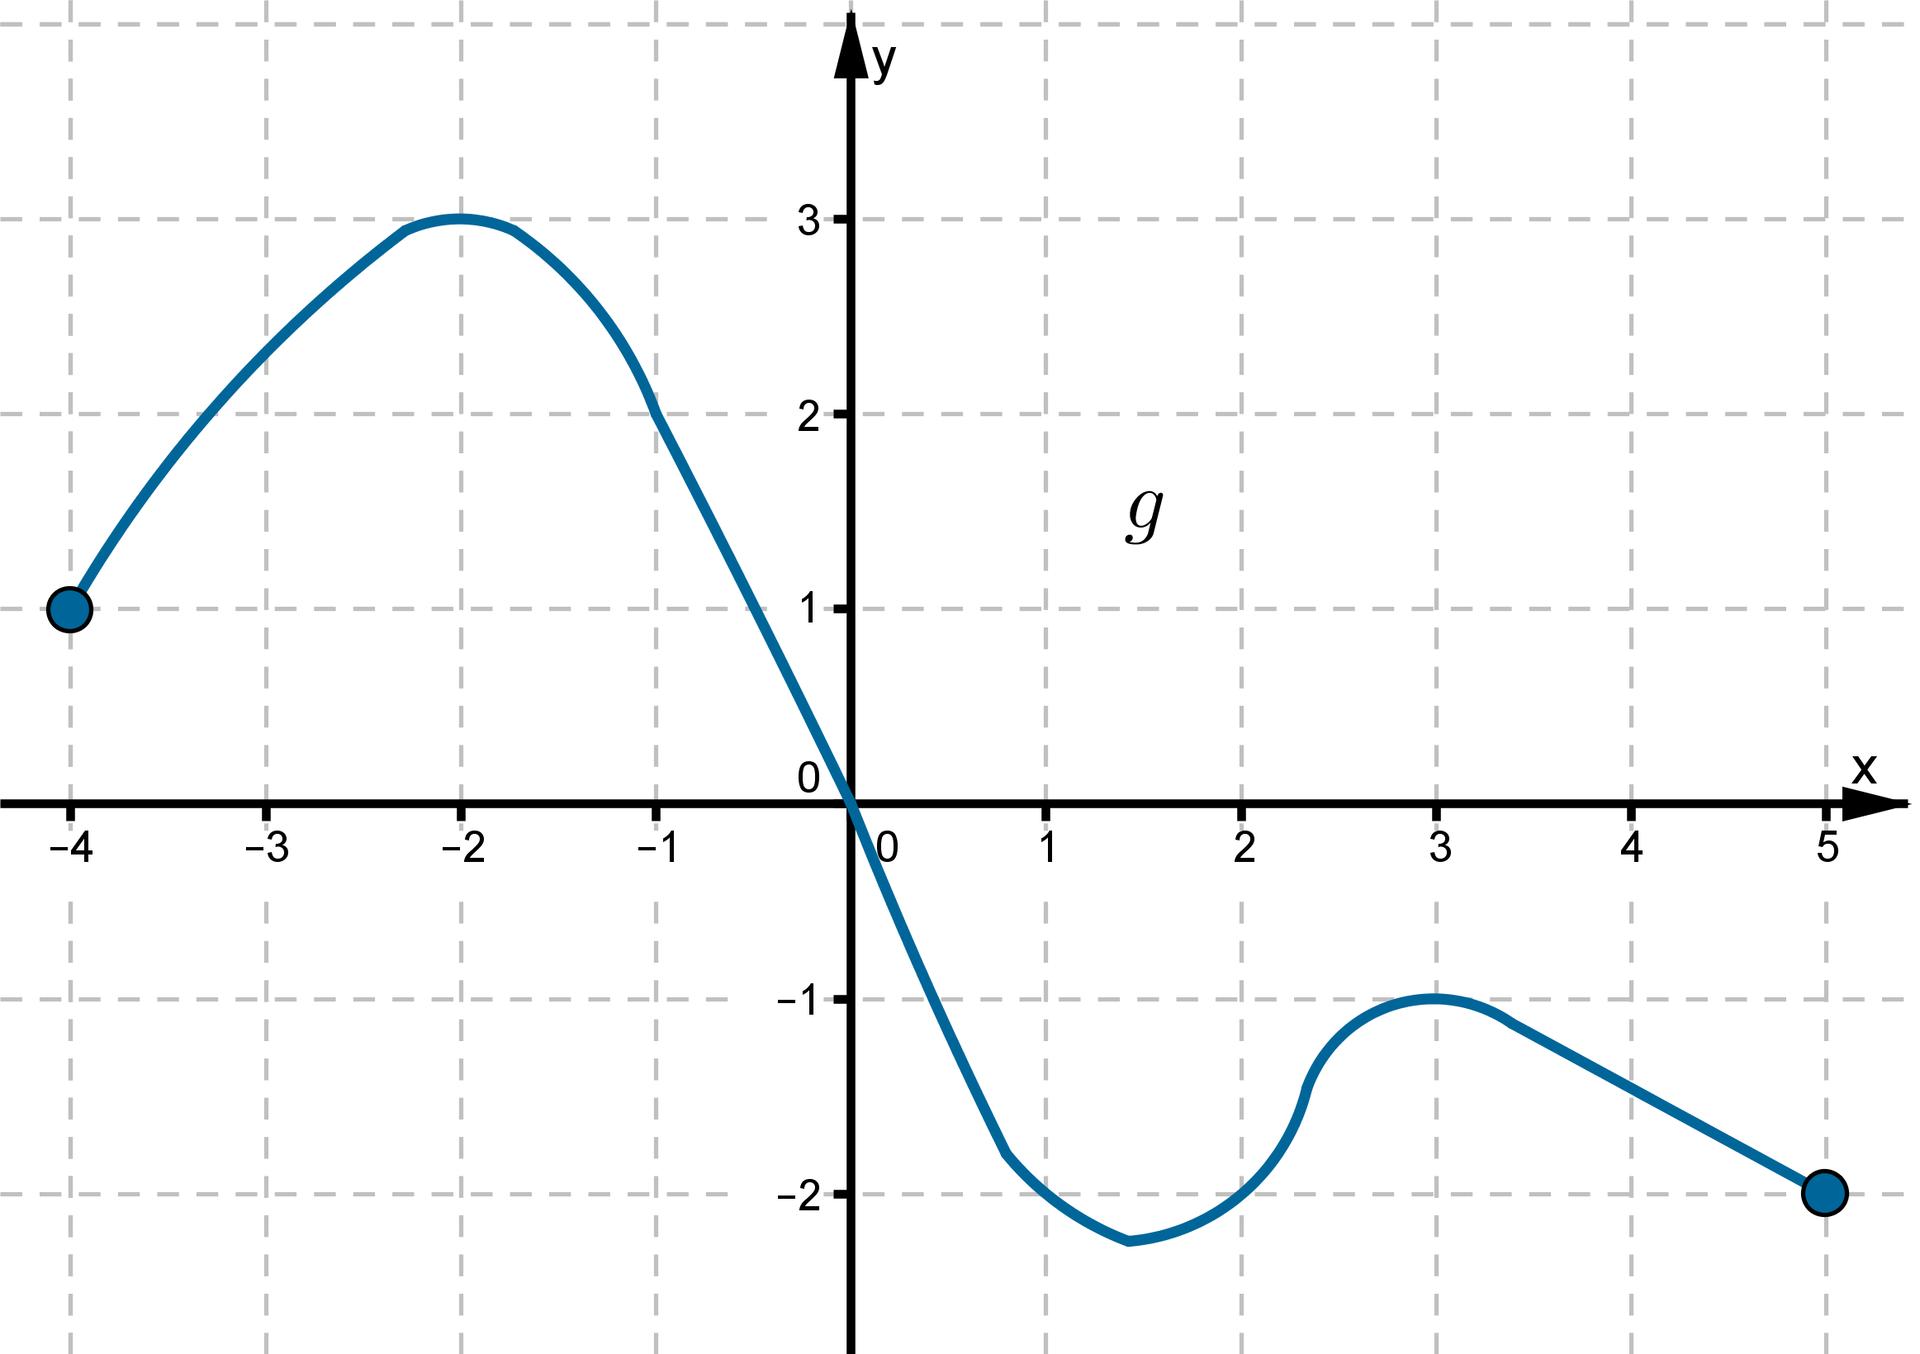 Wykres funkcji wpostaci krzywej leżącej wdrugiej iczwartej ćwiartce układu współrzędnych.